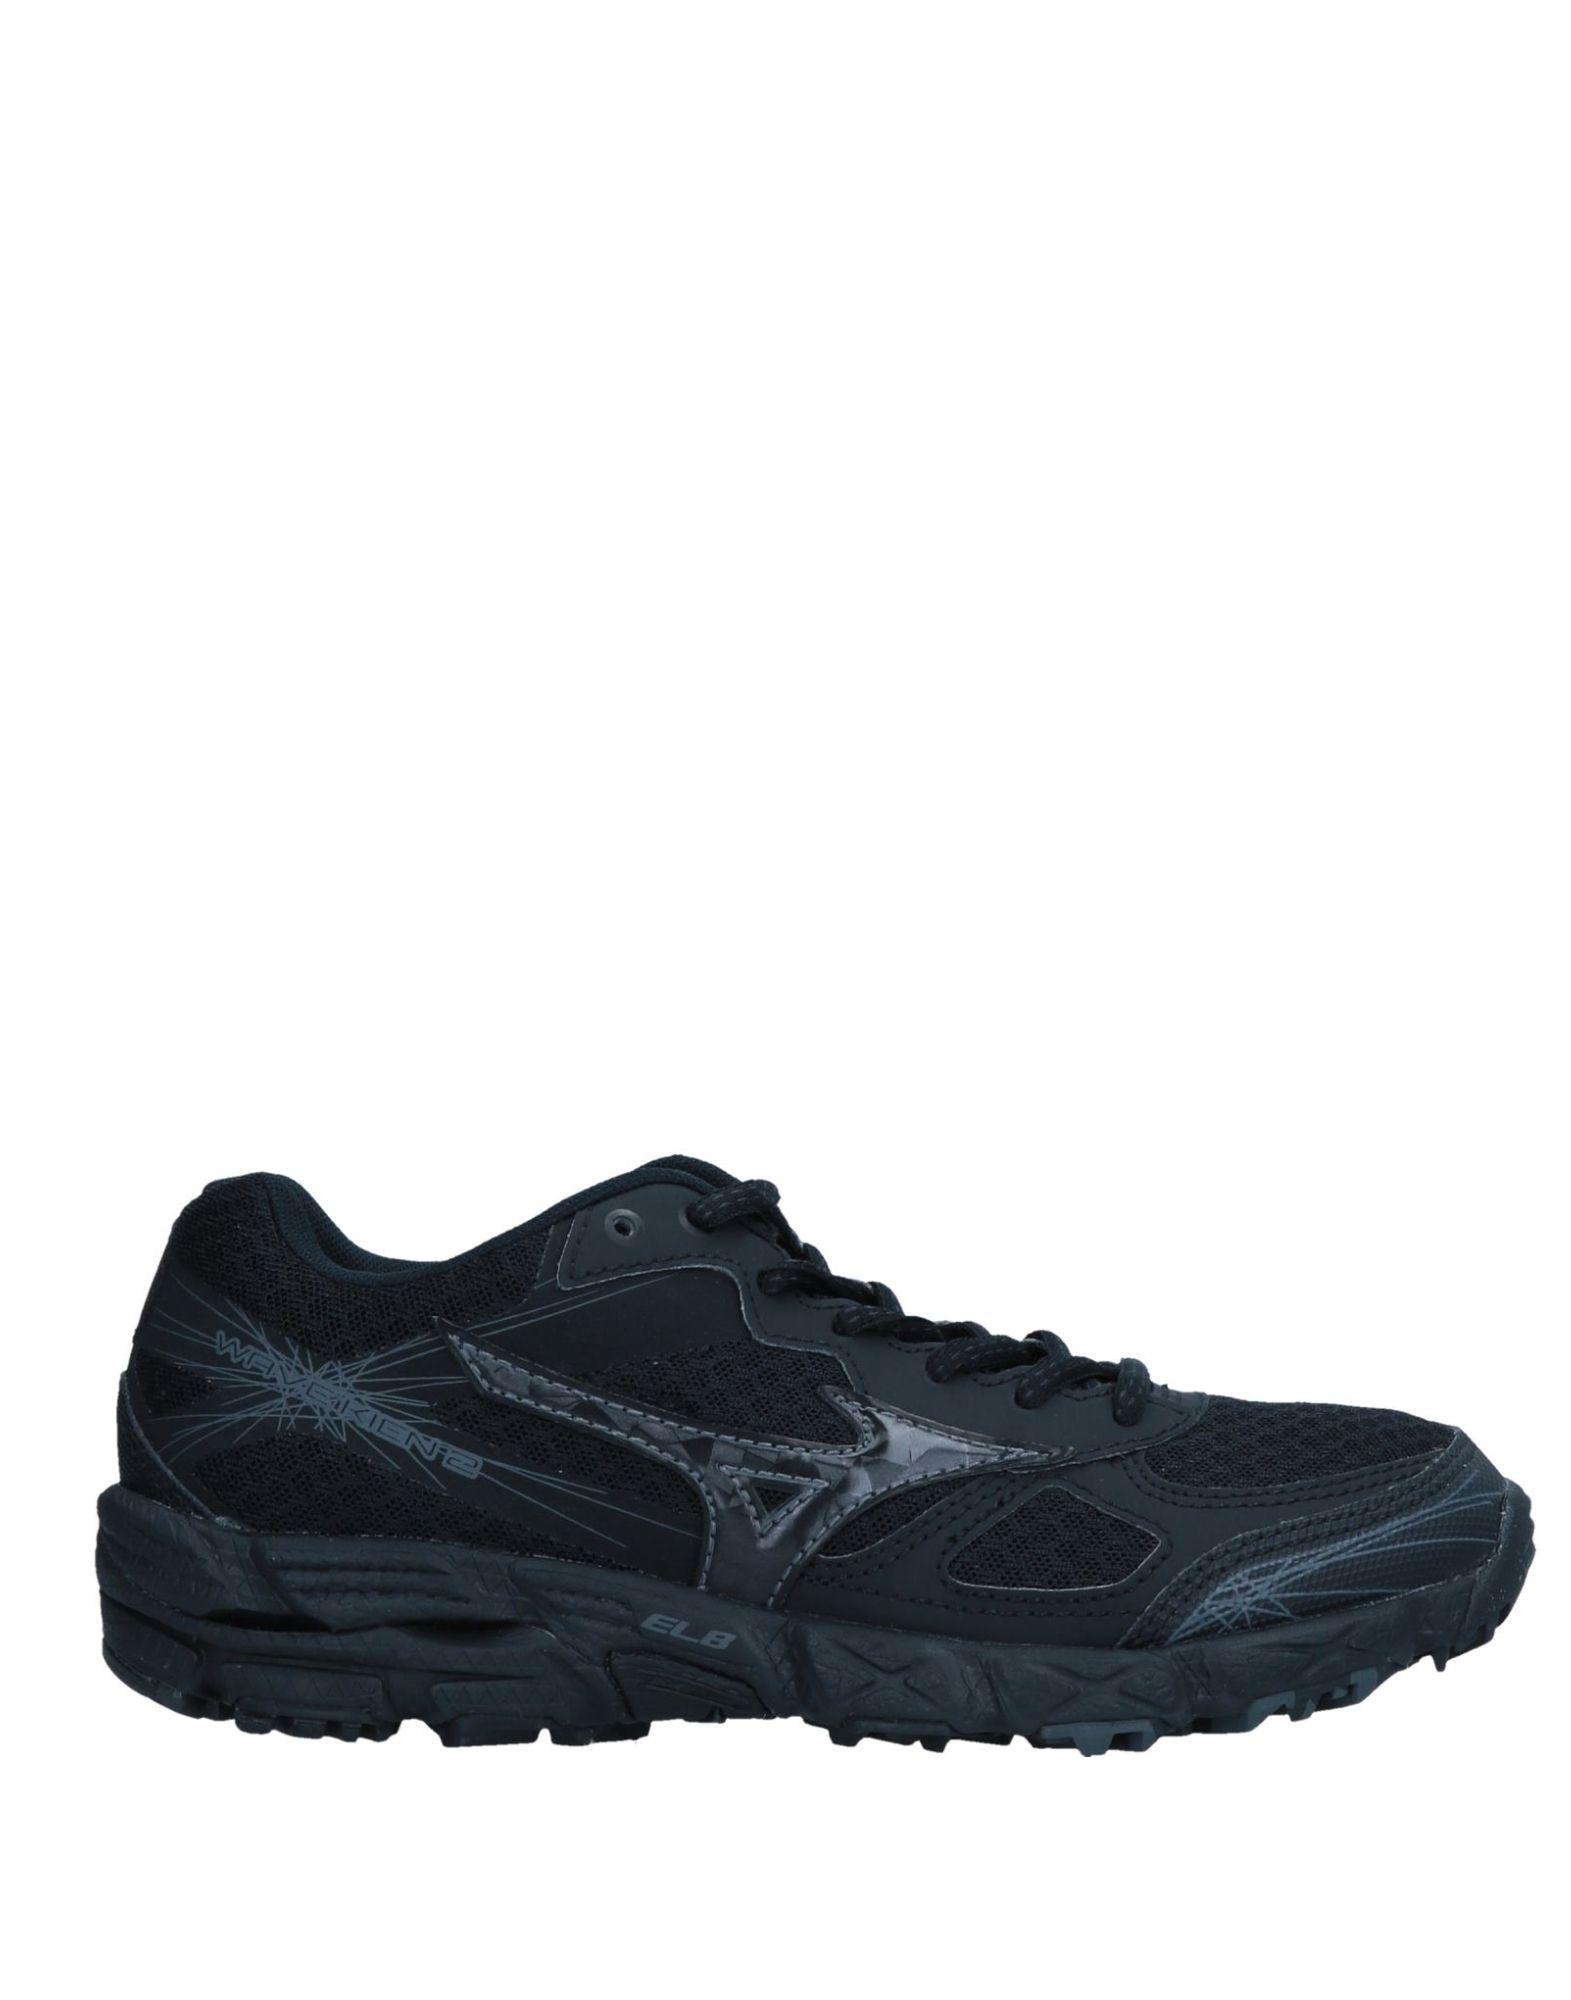 Rabatt echte Schuhe Mizuno Sneakers Herren  11546663UL